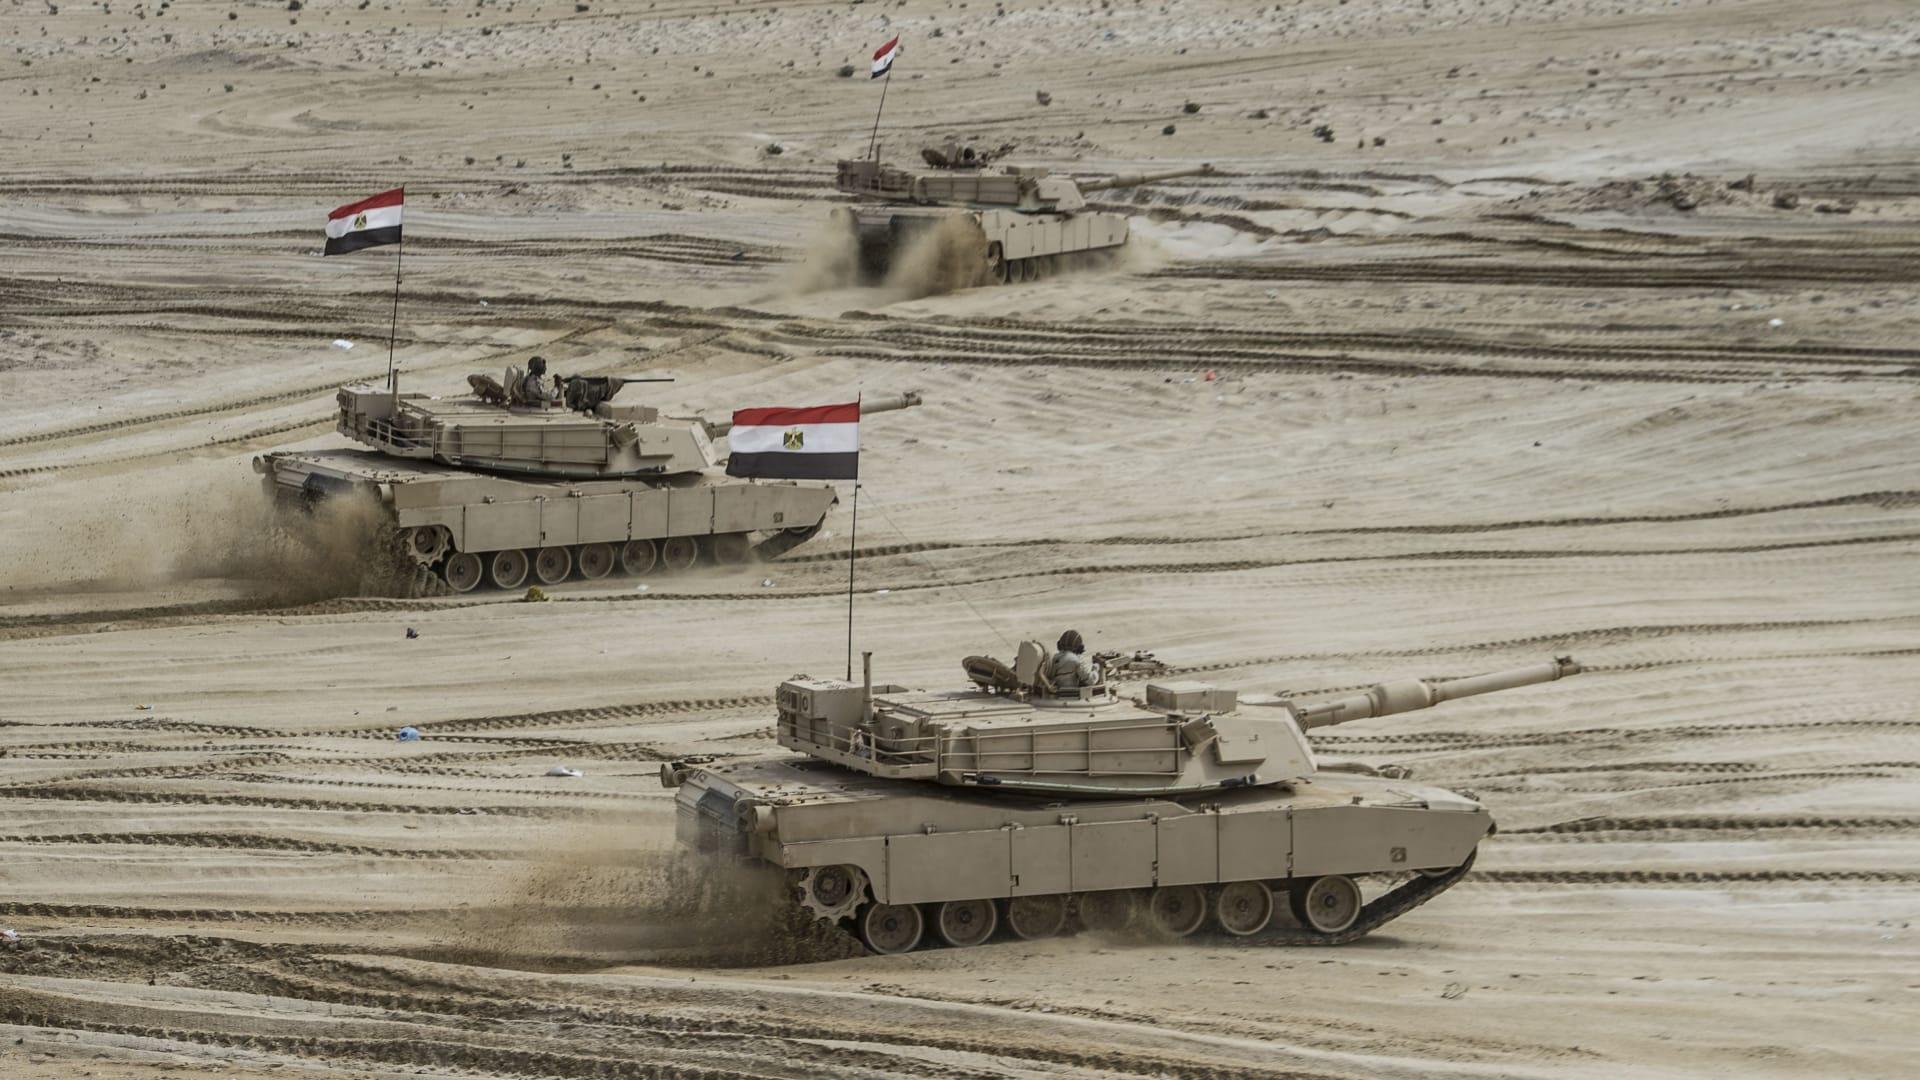 مقارنة بين قدرات الجيش المصري ونظيره الإثيوبي